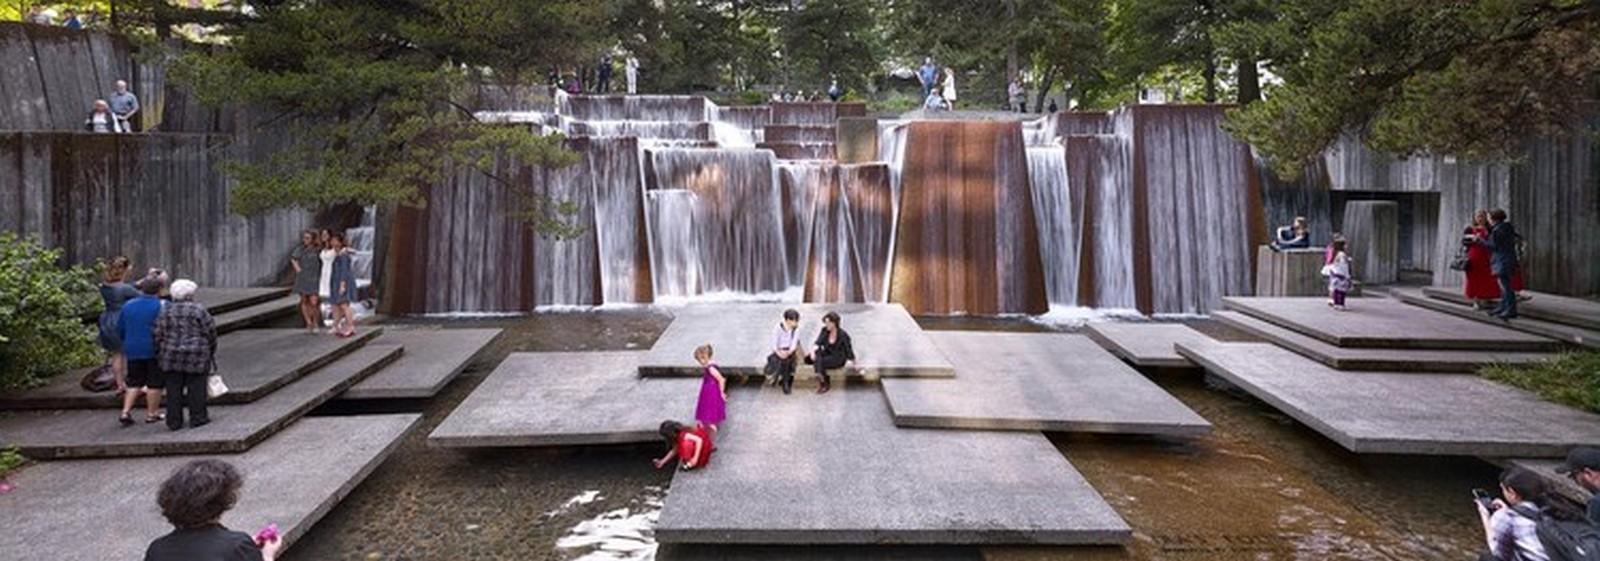 Keller Fountain Park in Portland, Oregon. - Sheet1